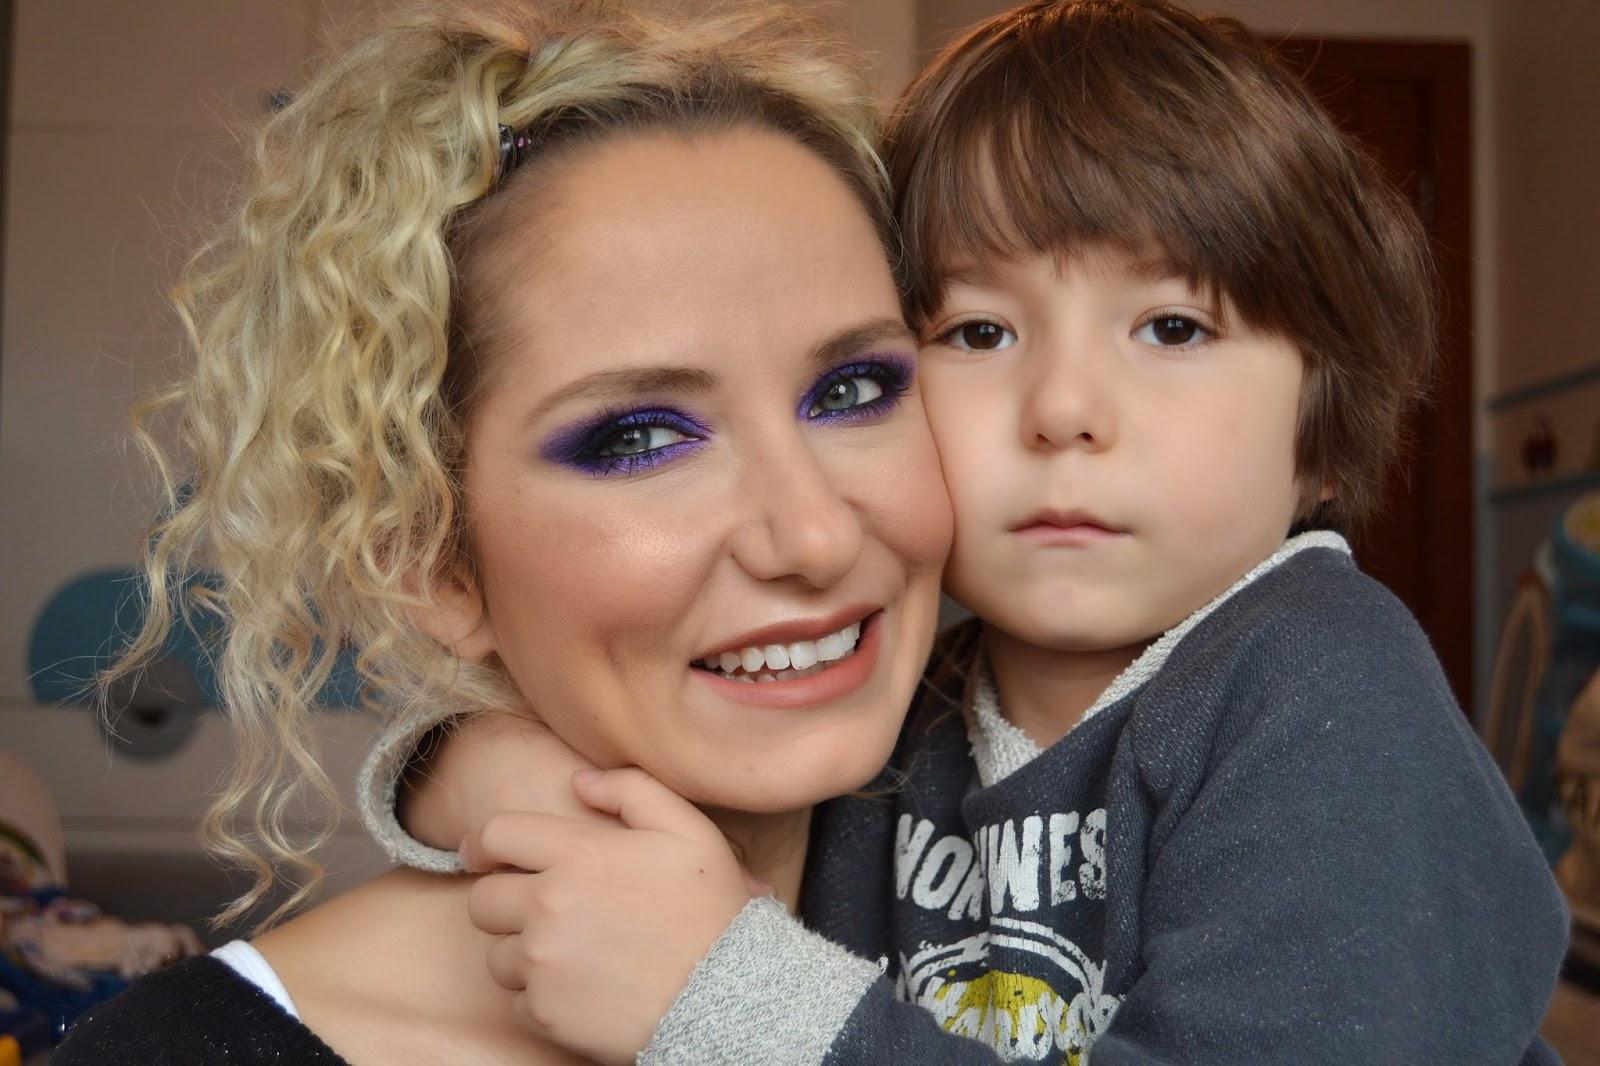 blogger buluşması - sponsor hediyeleri - moshosgarden - abitare - grand hyatt hotel - avon cilt bakım ürünleri - eyelure - katy perry - joker mağazaları - home sweet home -  makyaj blogları - türk youtuber